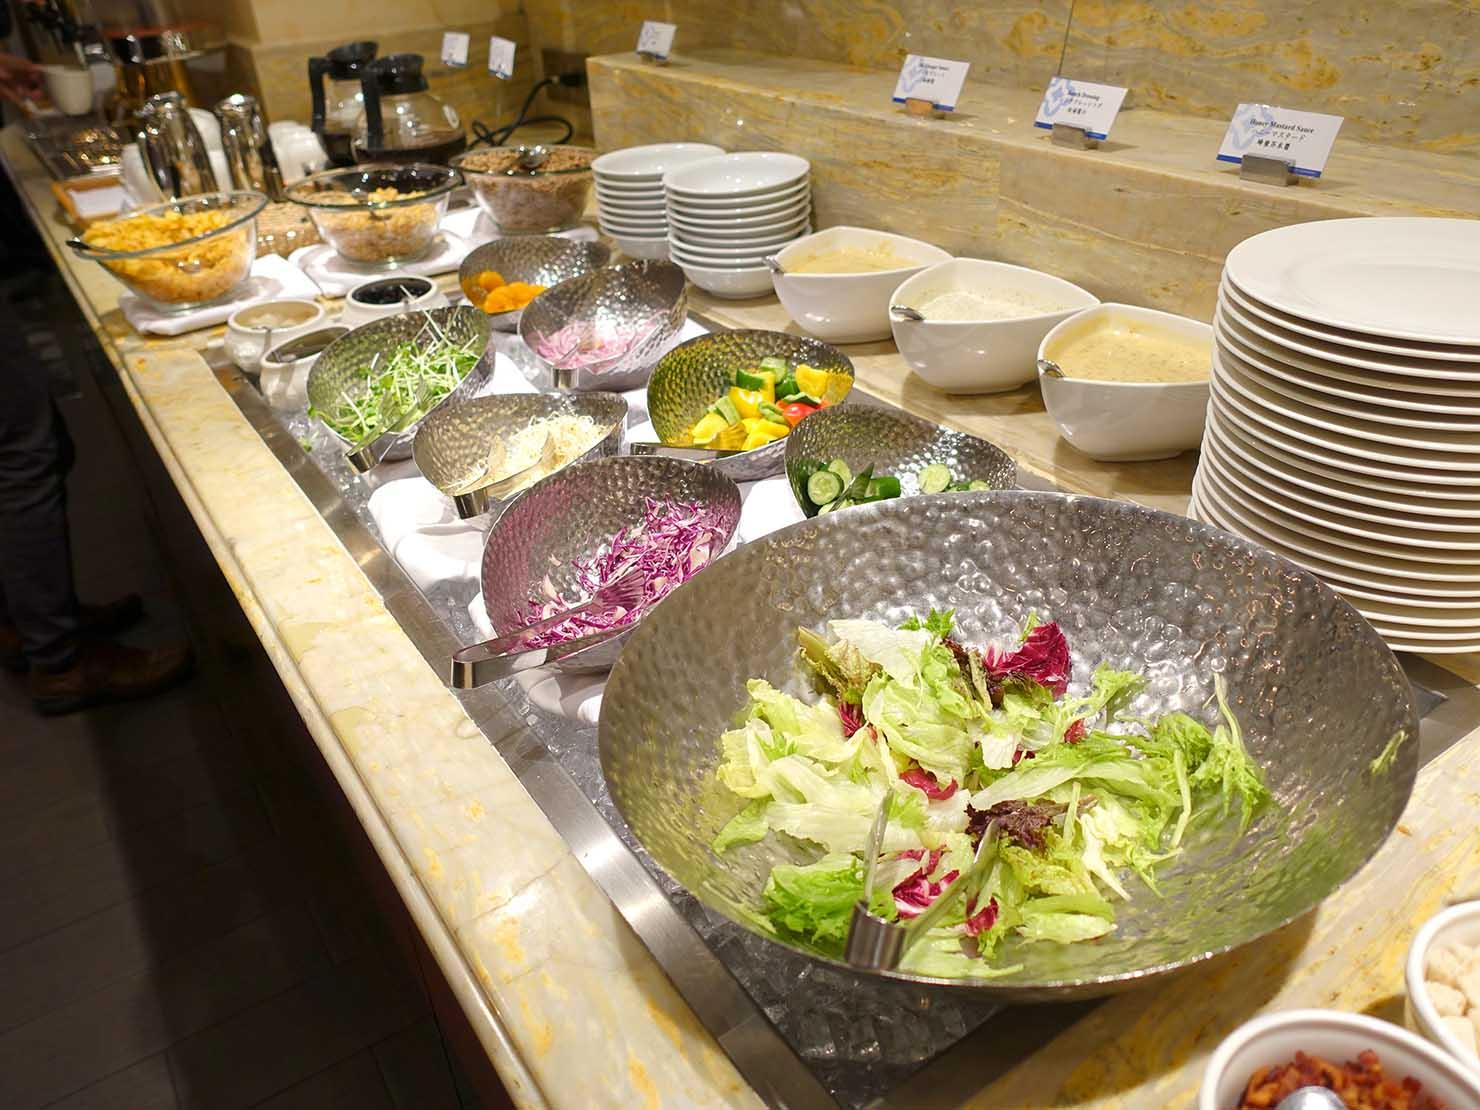 台北のおすすめ4つ星ホテル「歐華酒店(リビエラホテル)」のビュッフェモーニング(サラダ)